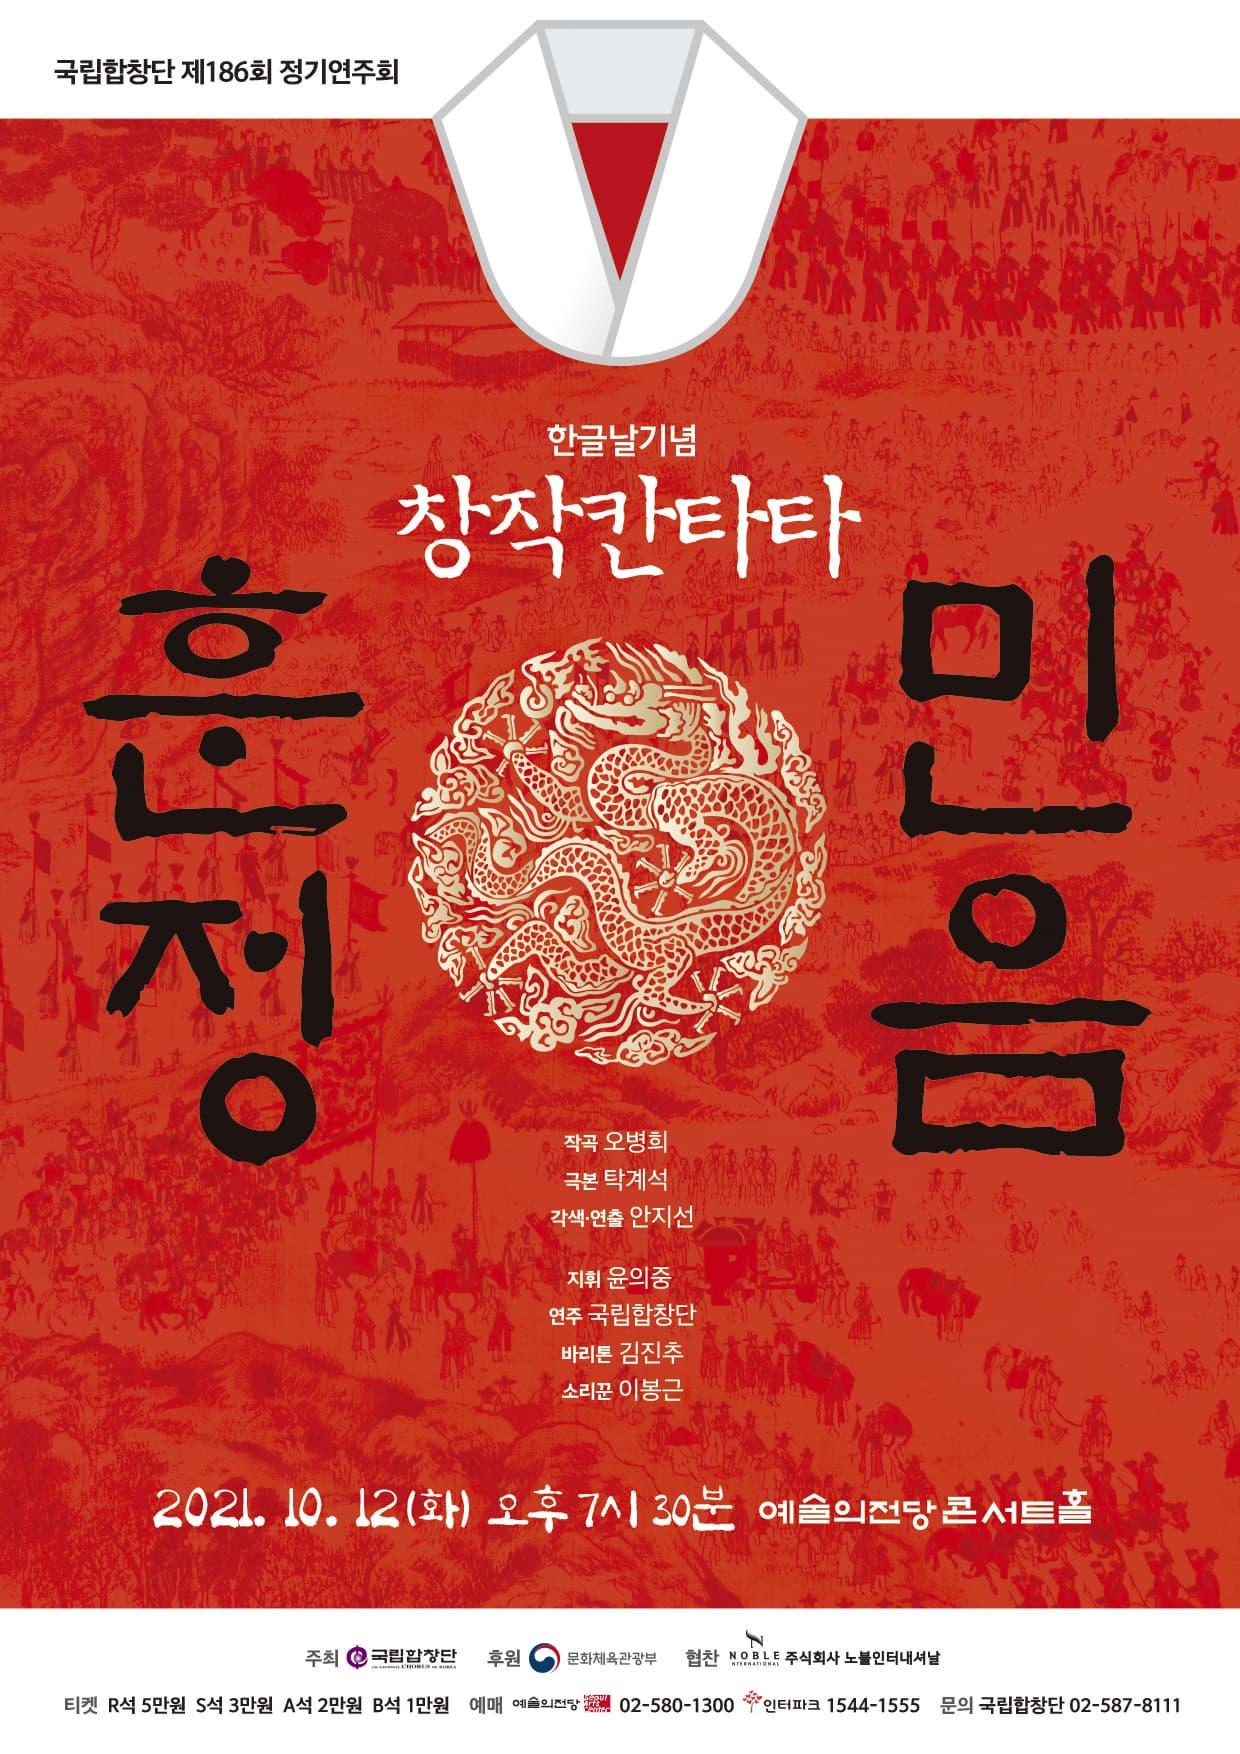 국립합창단 186회 정기연주회 한글날기념, 창작칸타타 <훈민정음>